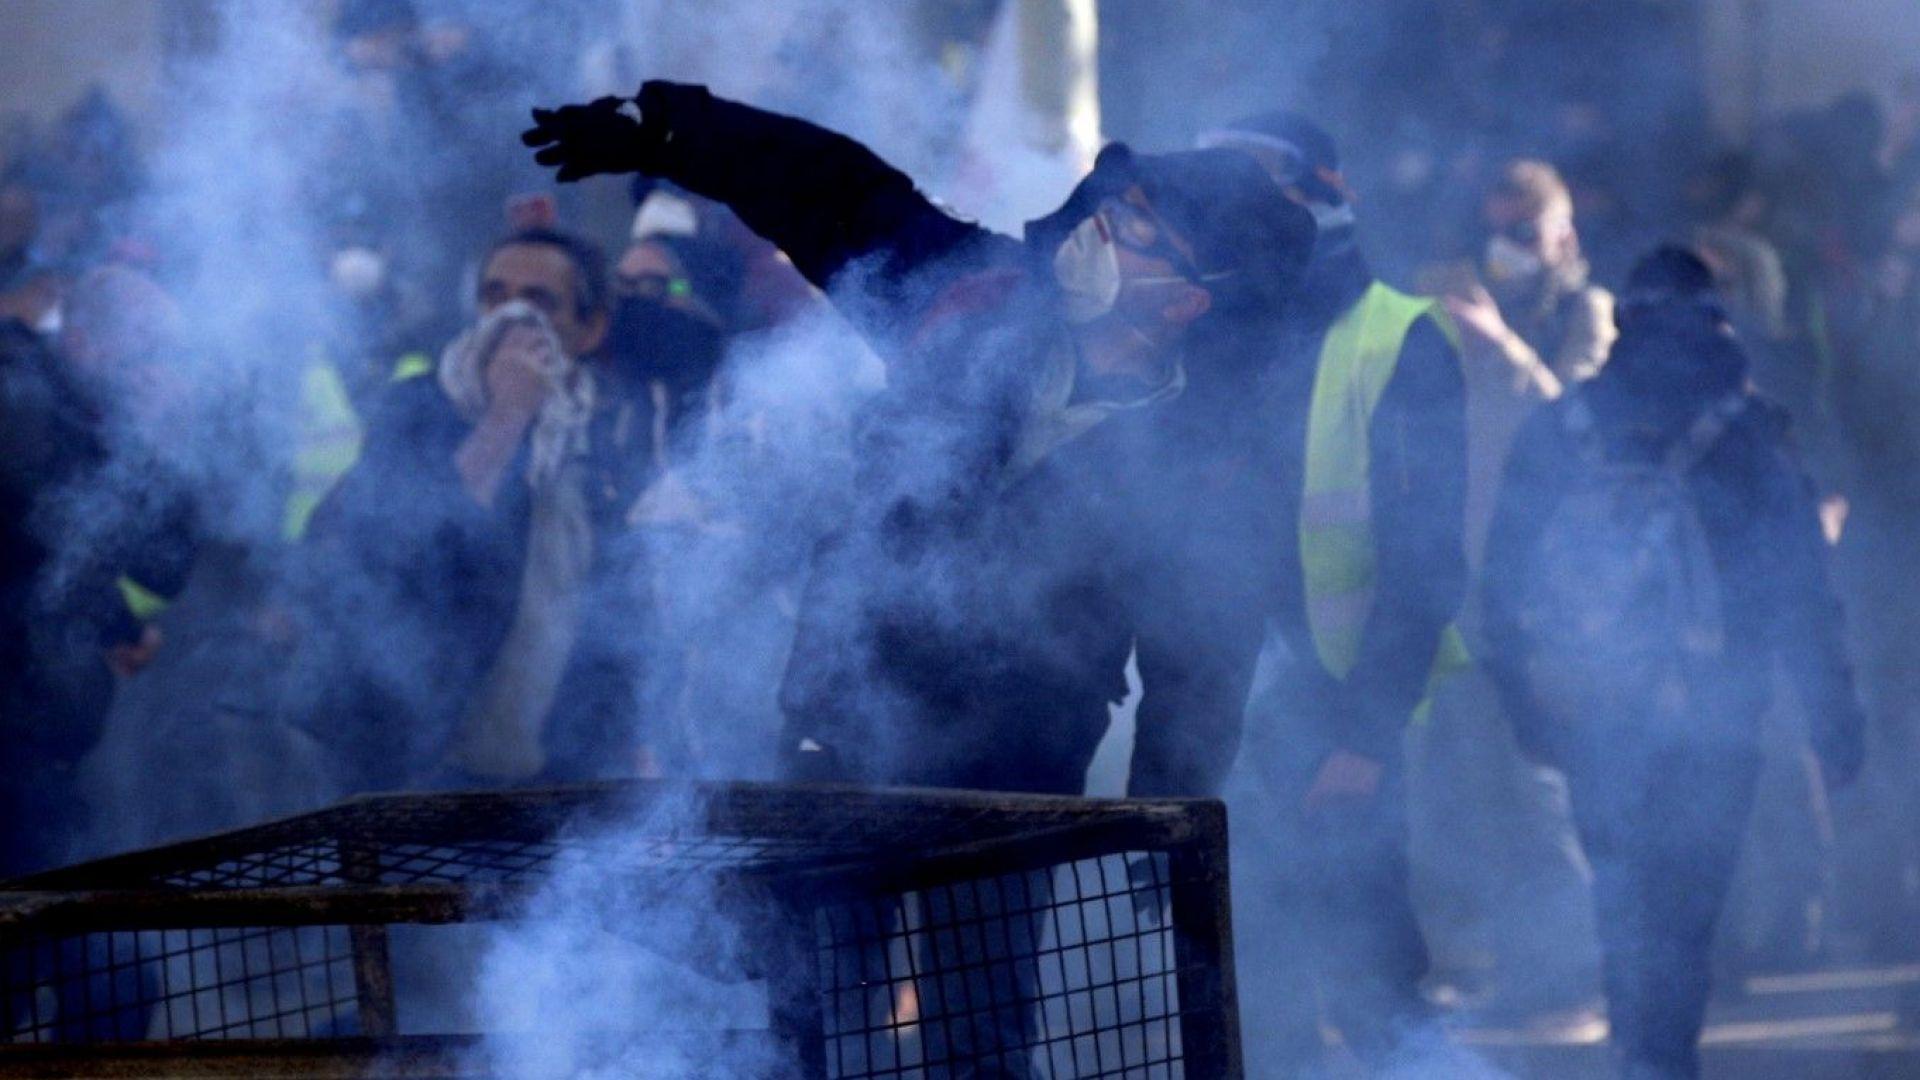 Френският президент Еманюел Макрон остро осъди насилието при протестите на